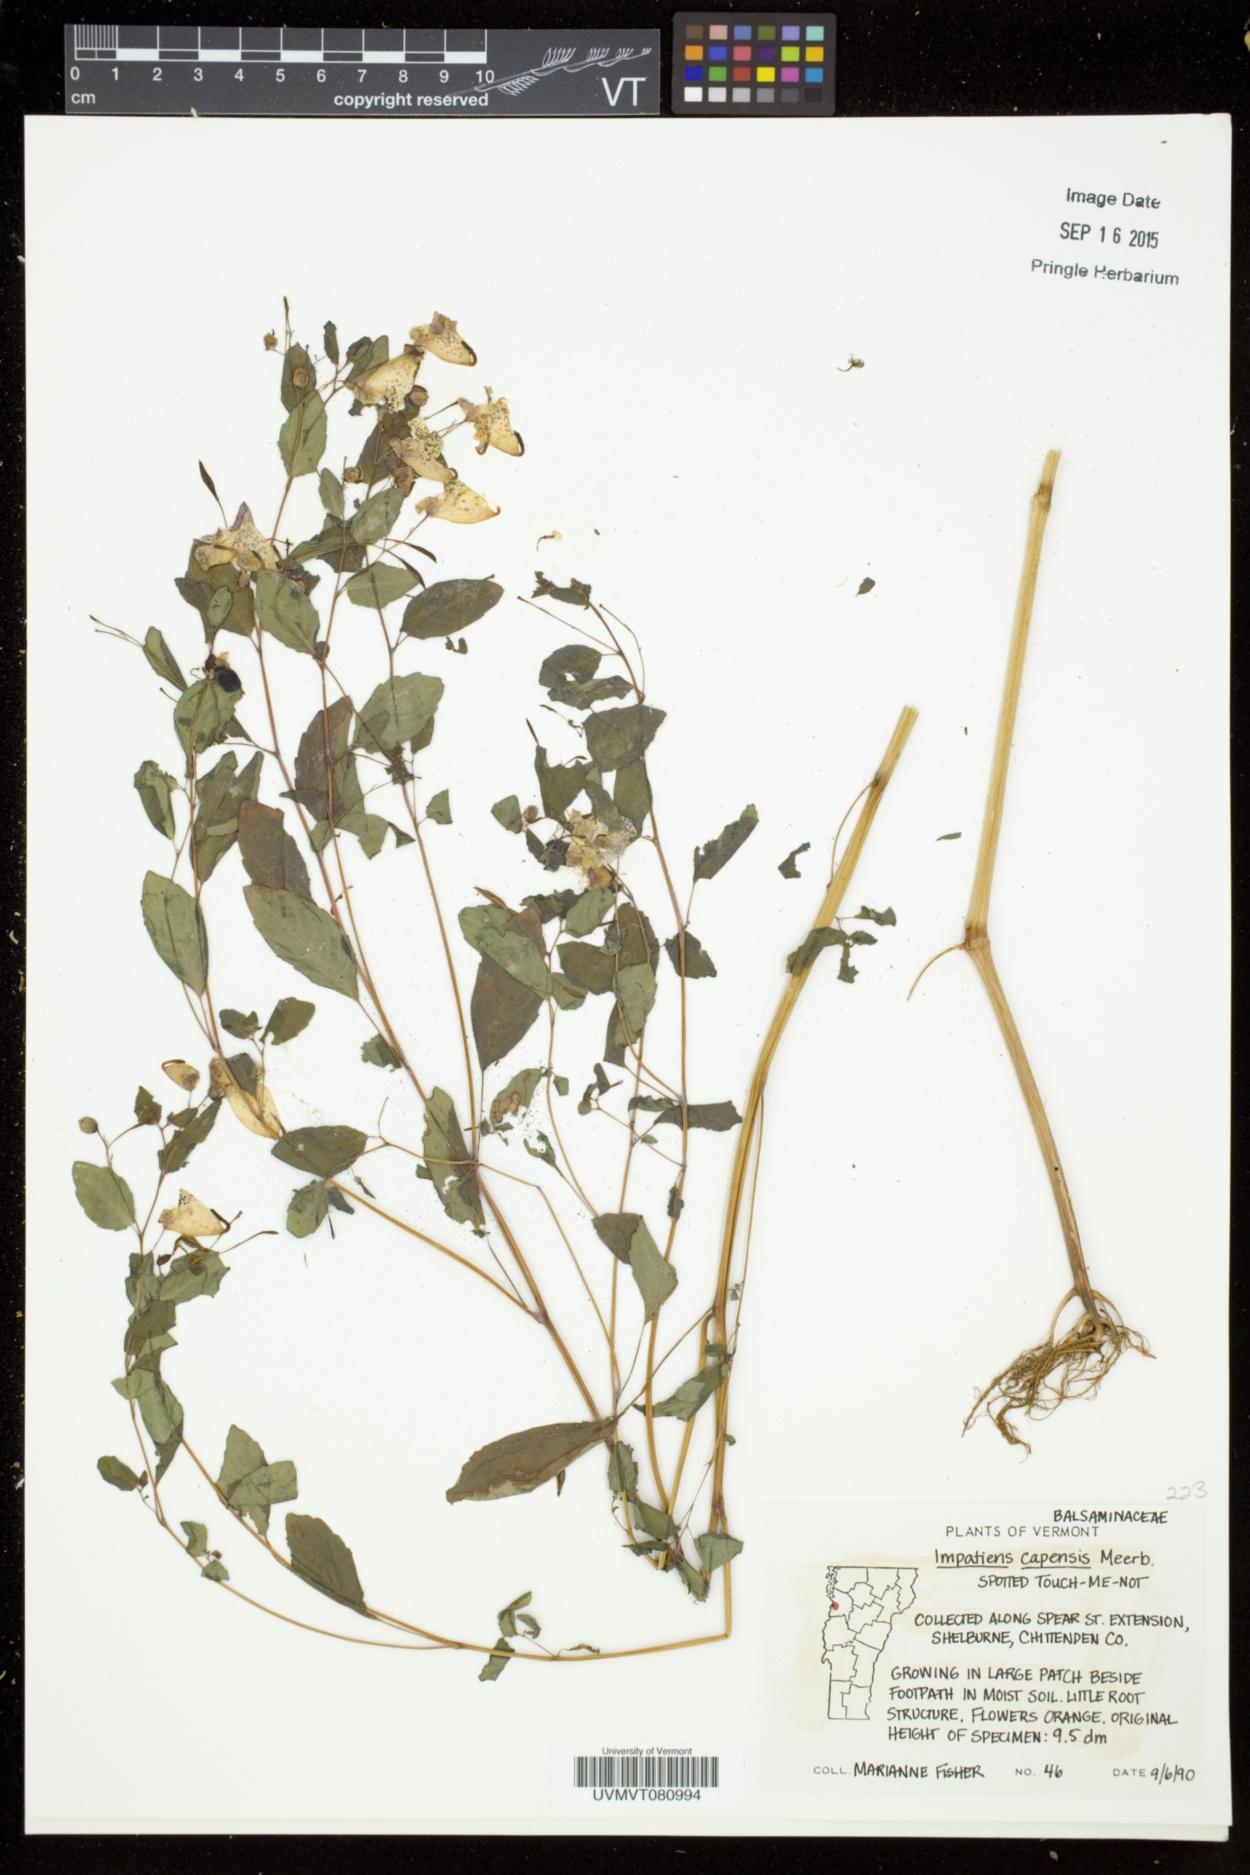 Balsaminaceae image